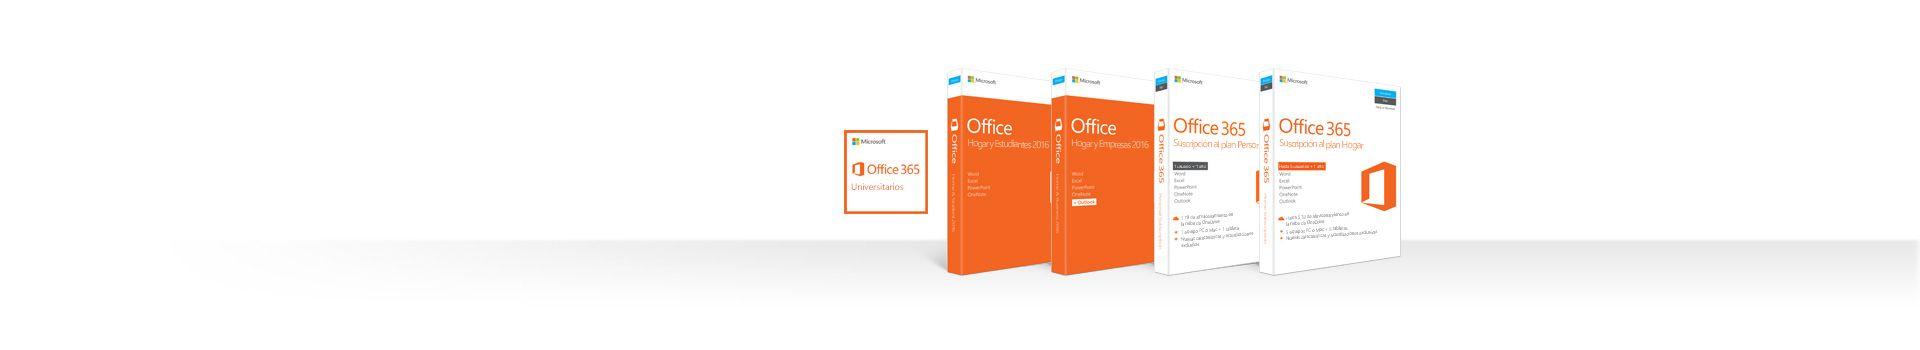 Fila de cuadros que representan los productos independientes y de suscripción de Office para equipos Mac